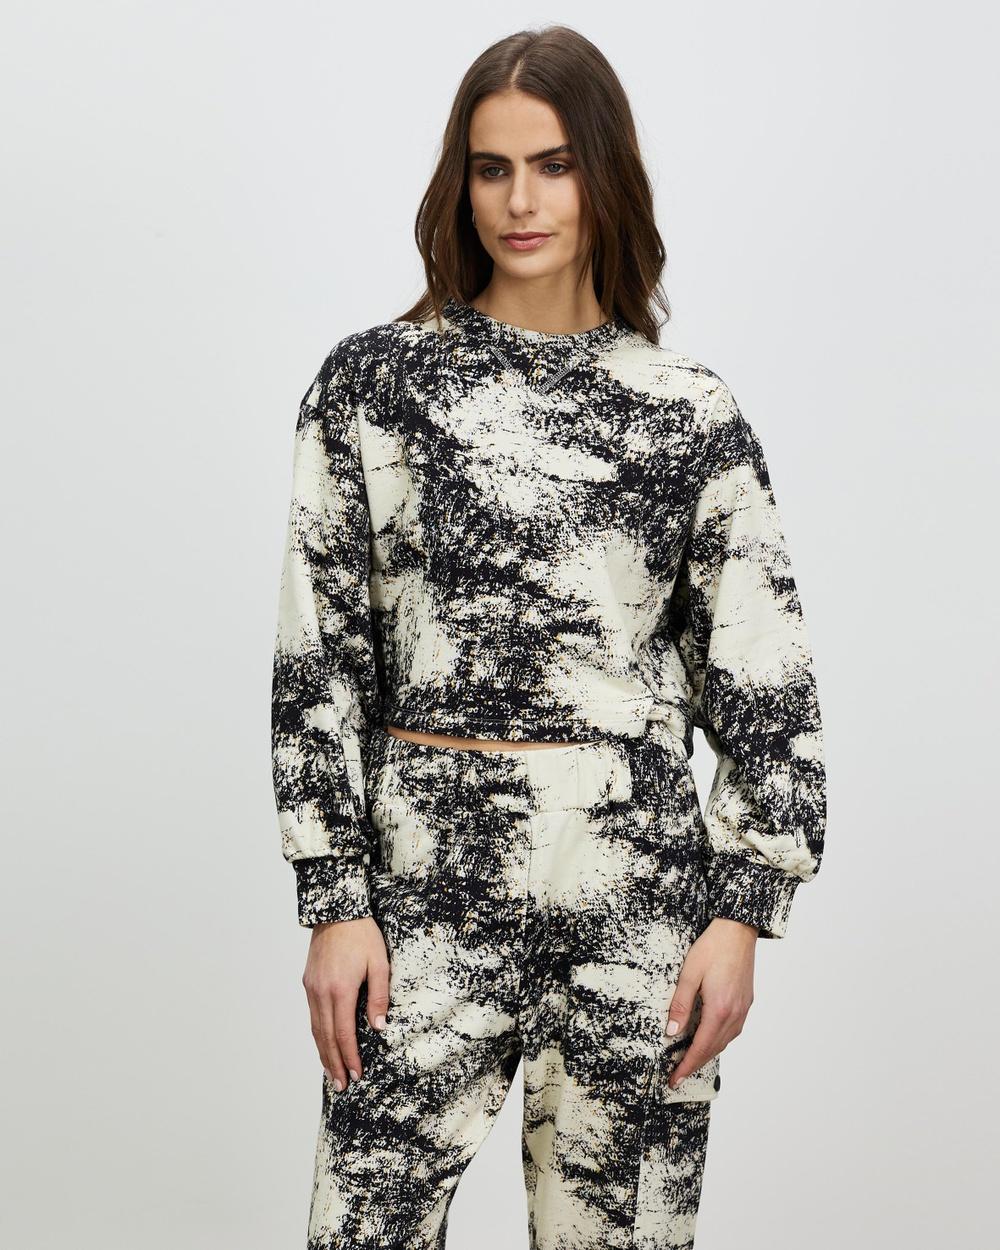 Aligne Barushka M Cropped Sweatshirt Sweats Marble Print